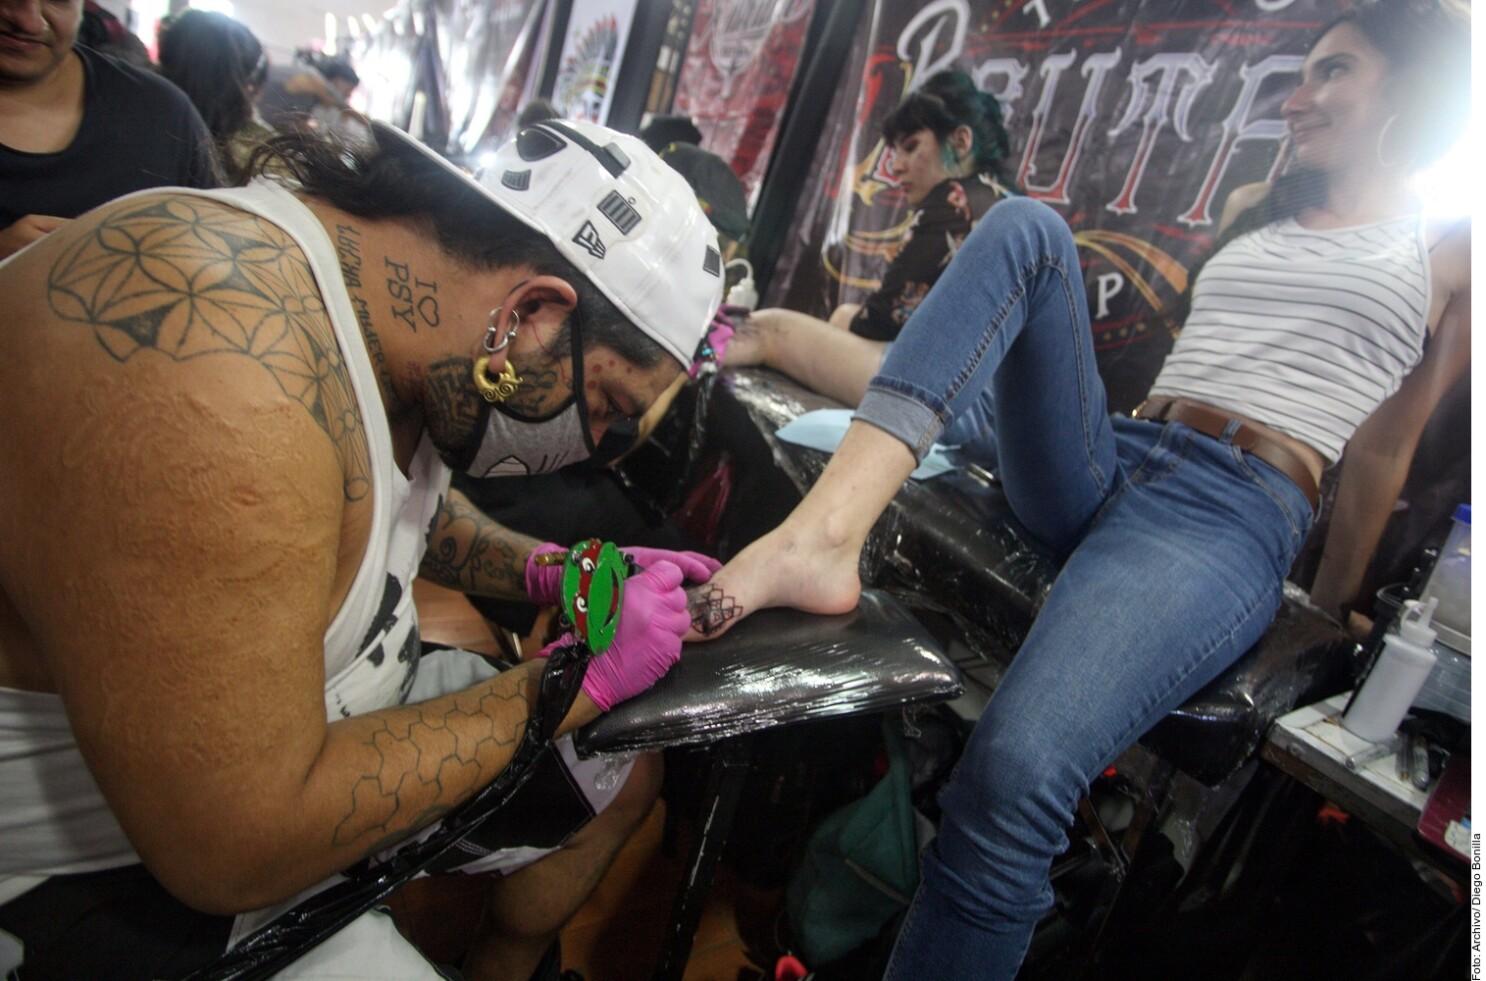 Cuales Son Los Tatuajes De Rihanna te vas a tatuar? esto es lo que debes saber antes - san